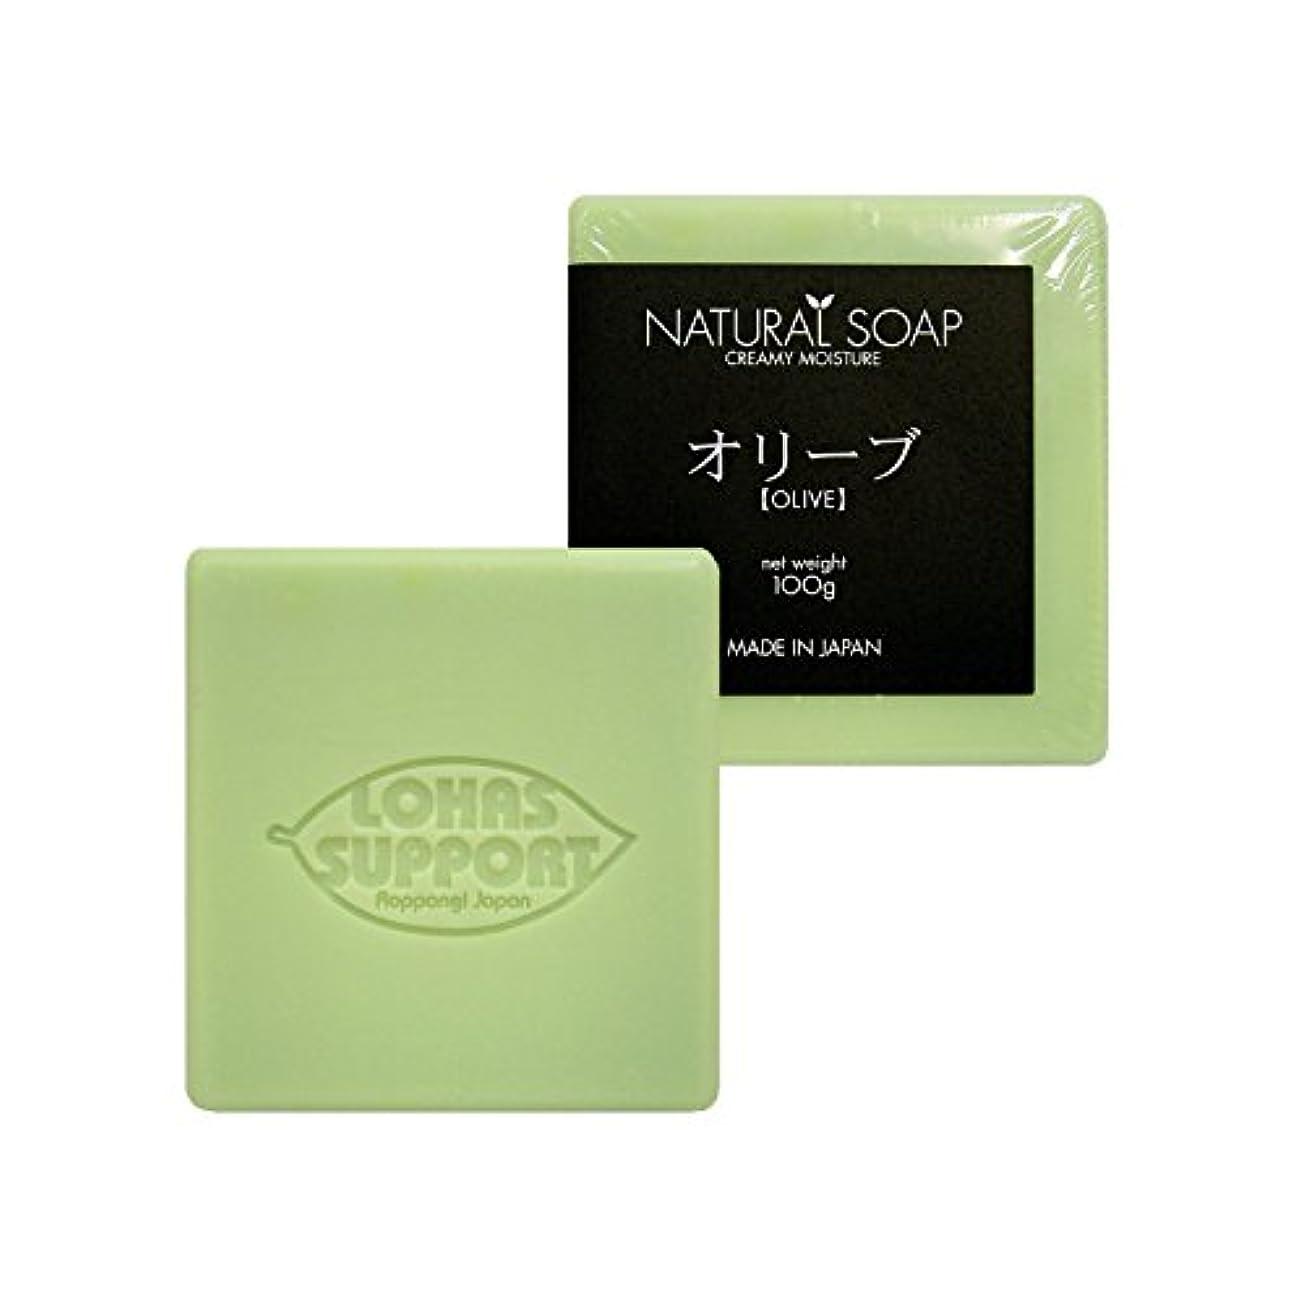 賢い自己乱気流NATURAL SOAP